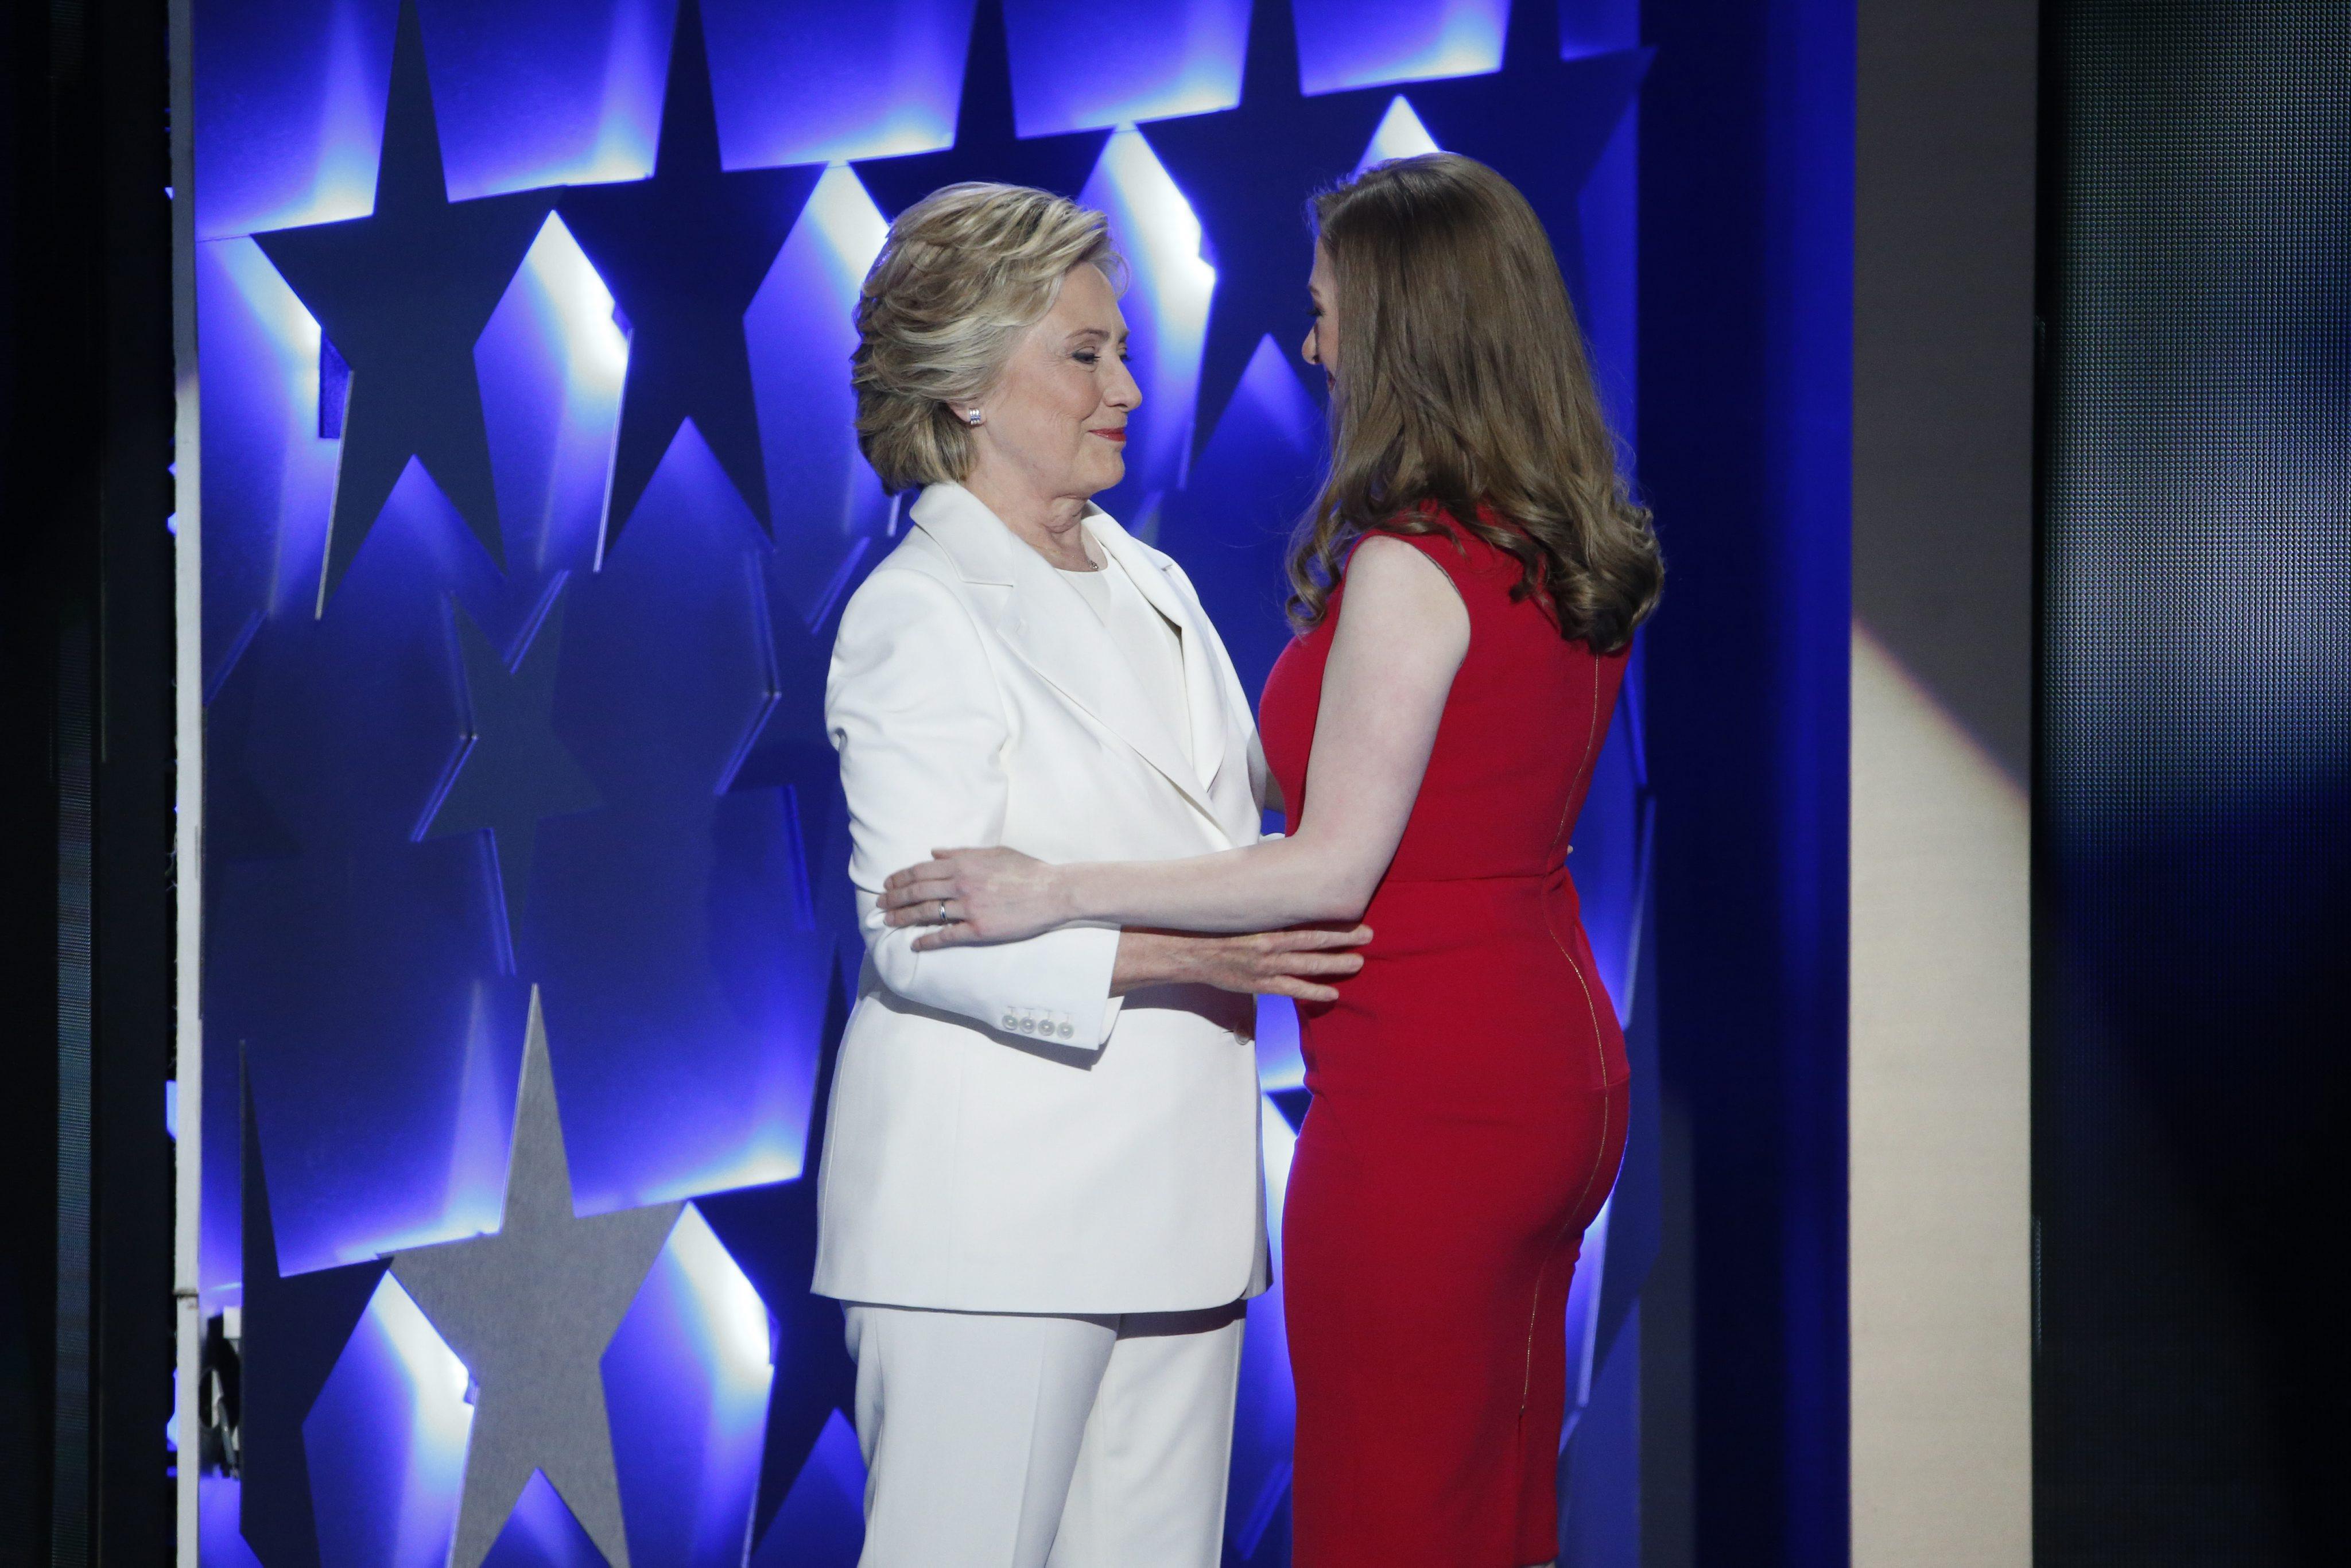 FIL01. FILADELFIA (ESTADOS UNIDOS), 28/072016.- Hillary Clinton saluda a su hija Chelsea Clinton en el último día de la Convención Demócrata en el Wells Fargo Center en Filadelfia (Estados Unidos) hoy, jueves 28 de julio de 2016. Se espera que la Hillary Clinton acepte formalmente su nominación a la presidencia de Estados Unidos por el Partido Demócrata. EFE/SHAWN THEW